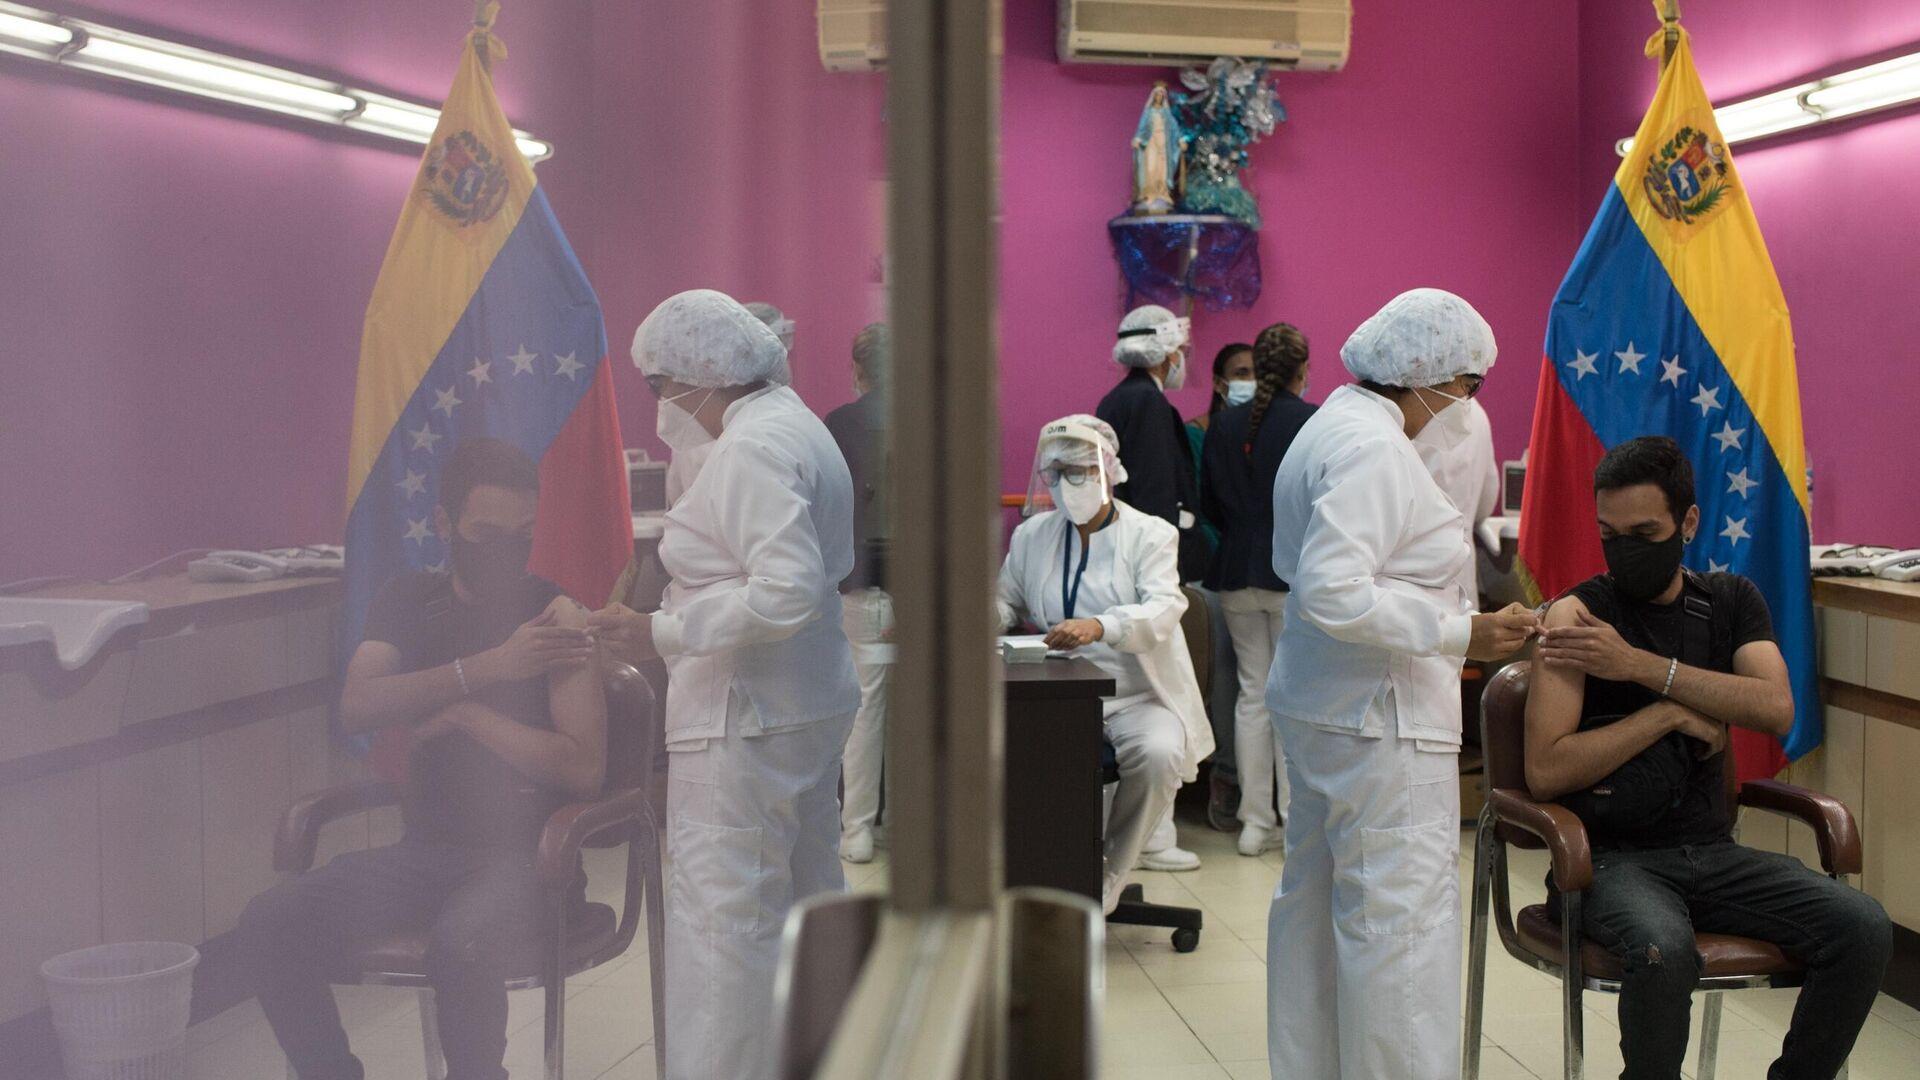 Trabajadores de la salud de Venezuela aplican dosis de la vacuna Sputnik V en Caracas - Sputnik Mundo, 1920, 05.04.2021